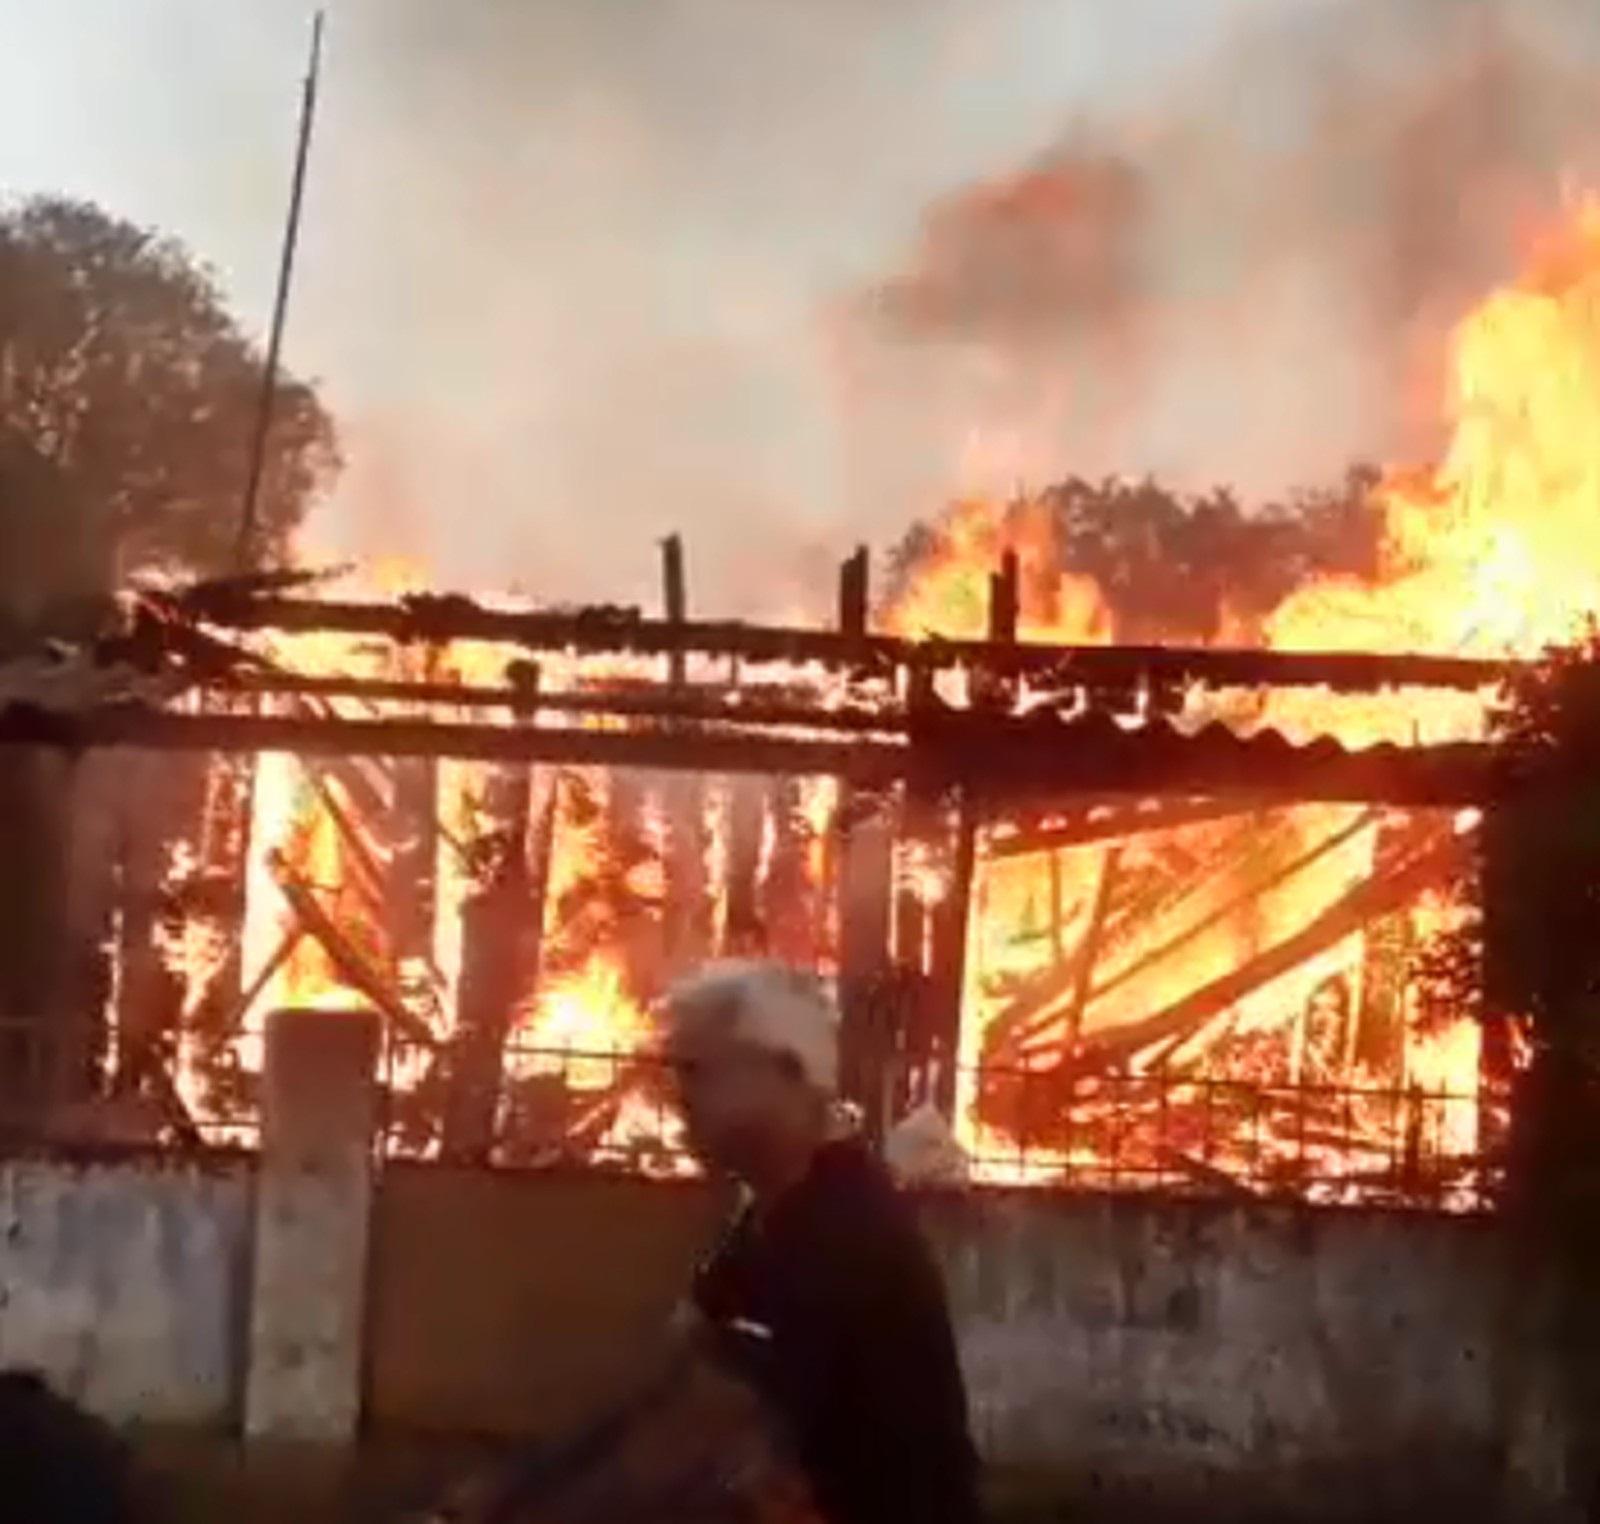 Casa fica destruída depois de pegar fogo em Cândido Mota — Foto: Corpo de Bombeiros/Divulgação